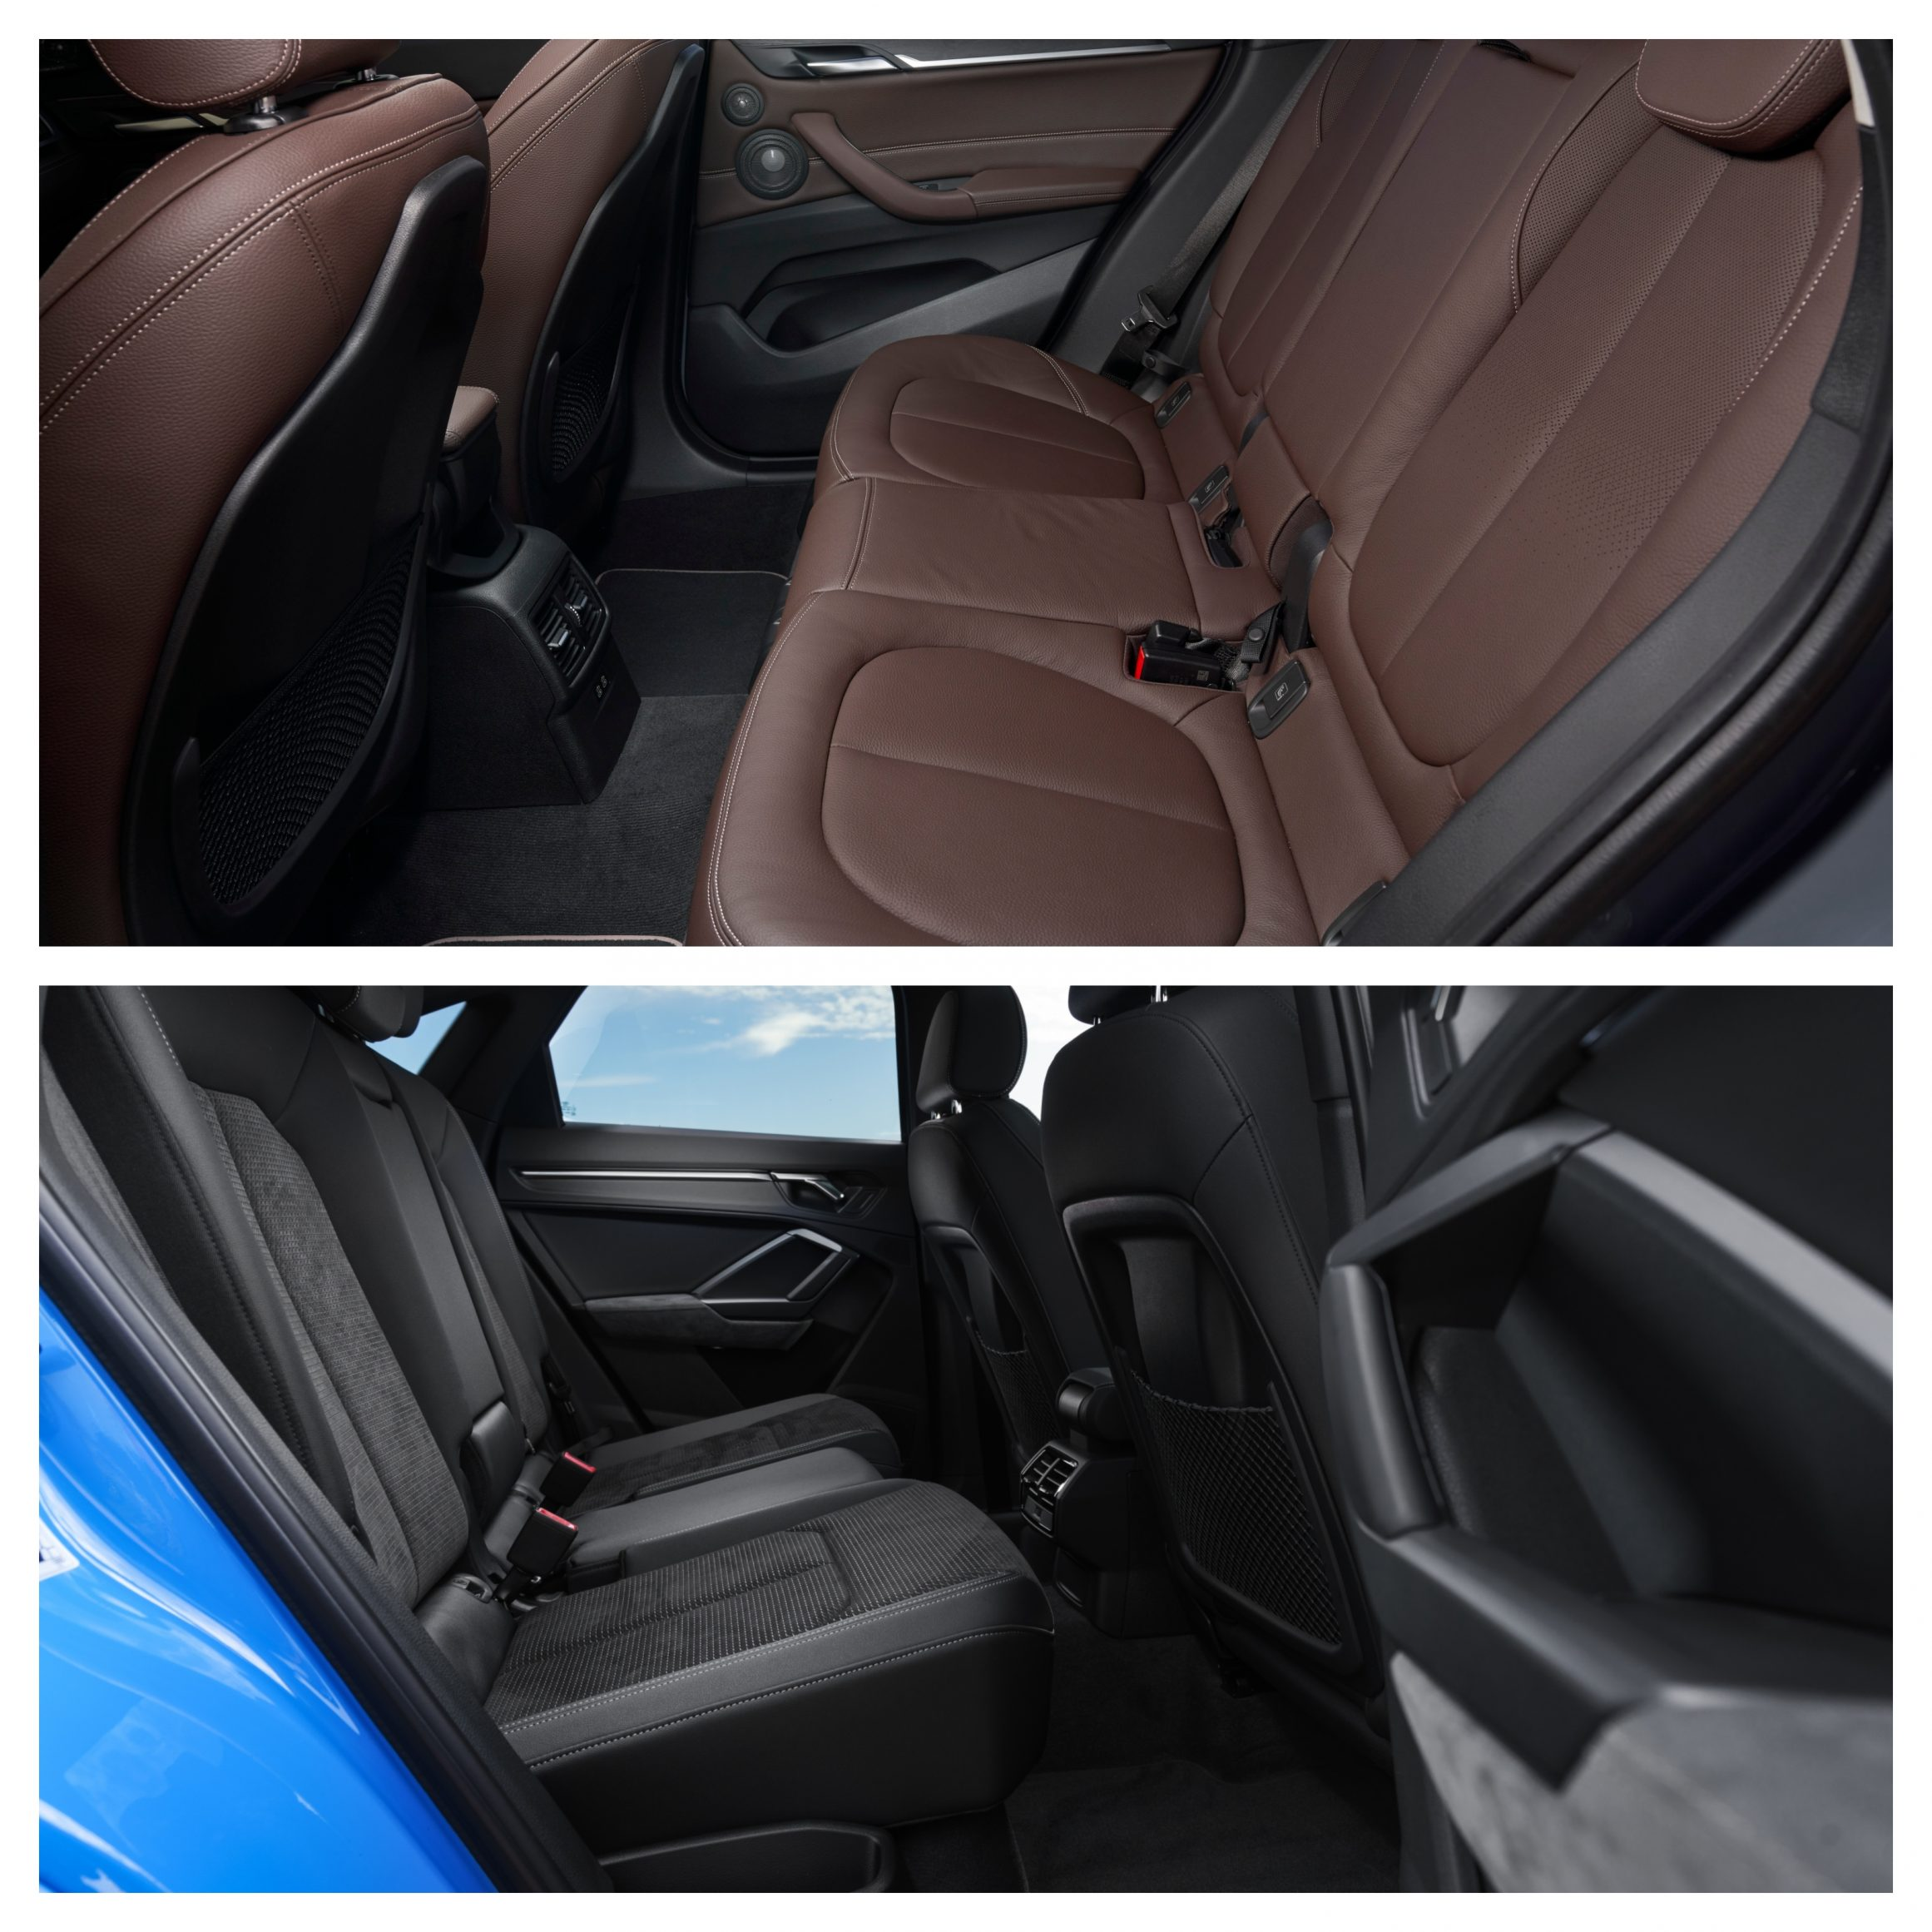 BMW X1 Vs Audi Q3 - interior space